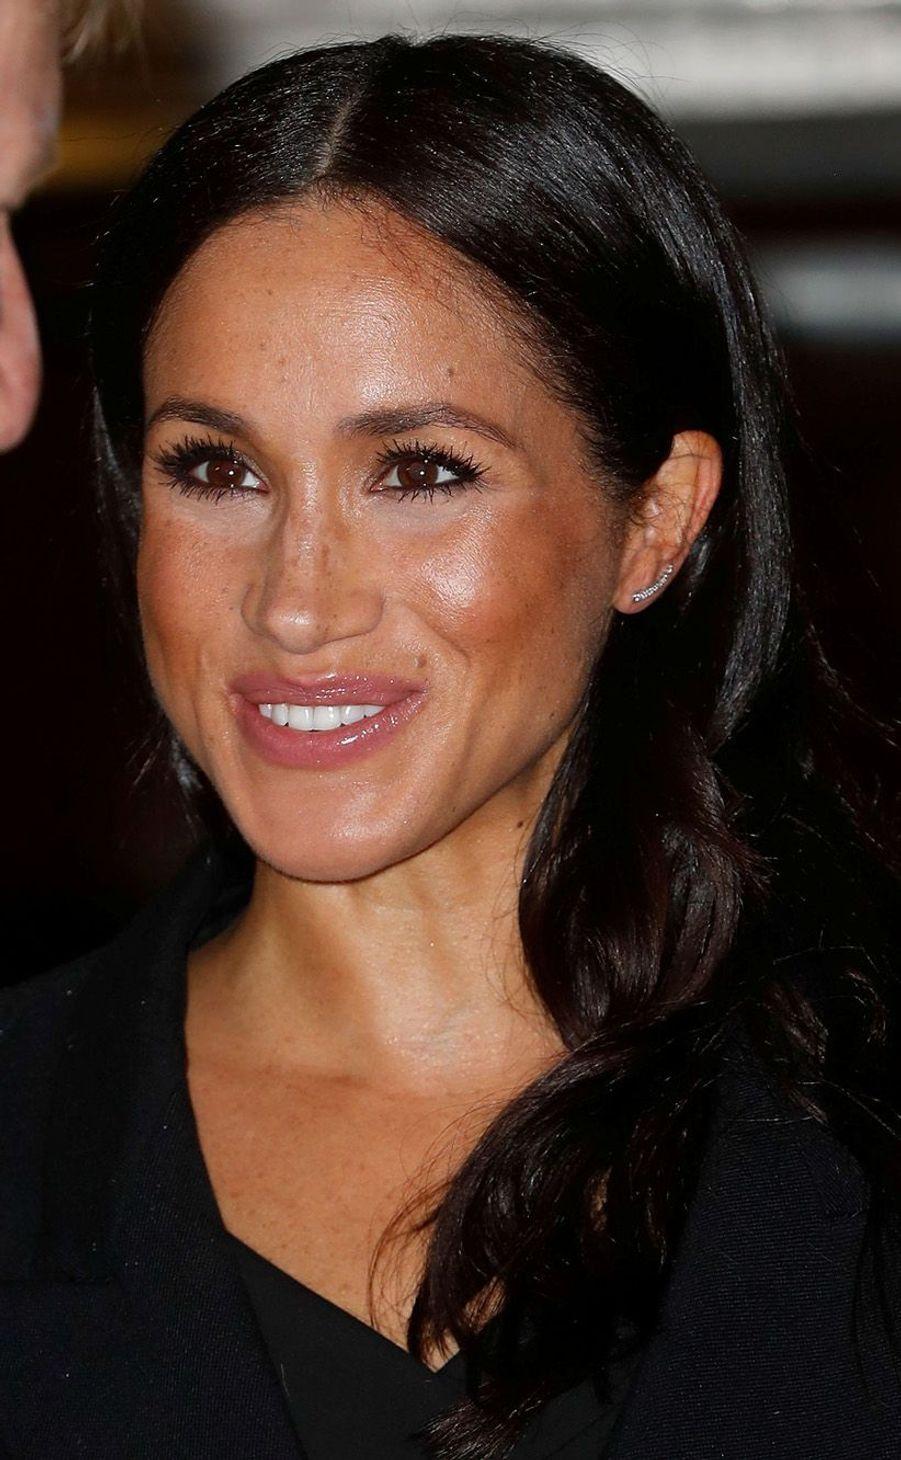 La Duchesse de Sussex avait assisté au concert du souvenir au Royal Hall de Londres auprès de son mari.